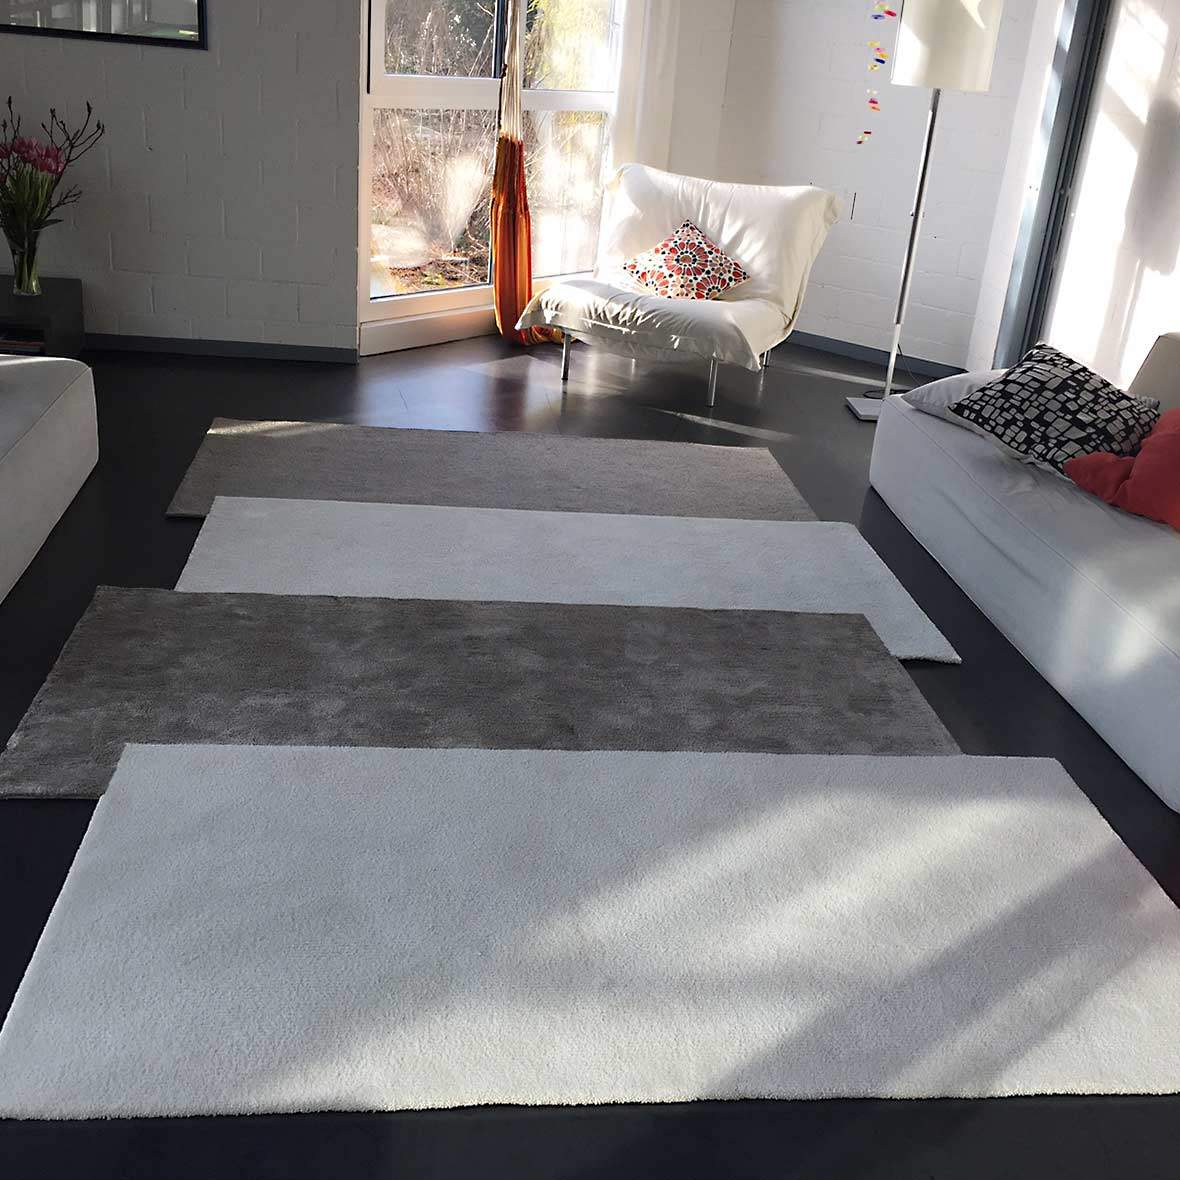 Teppich individuell Swiss Made von Kramis